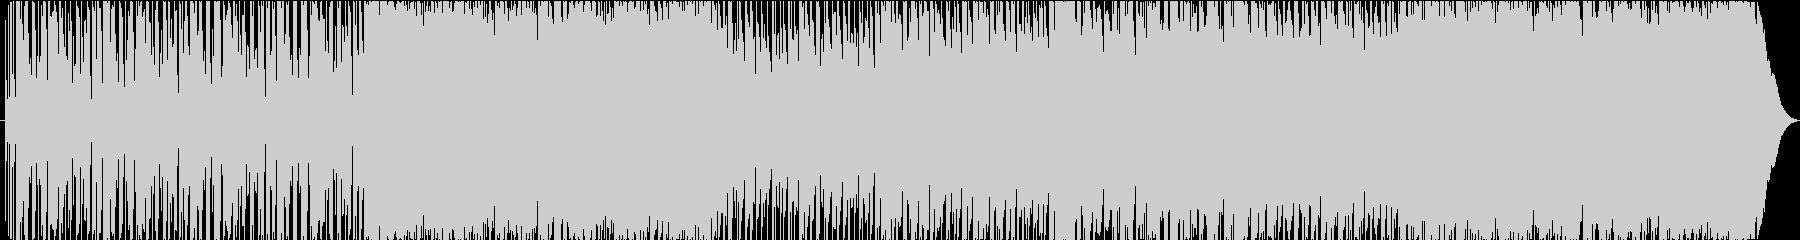 パンク インディーロック ポップロ...の未再生の波形